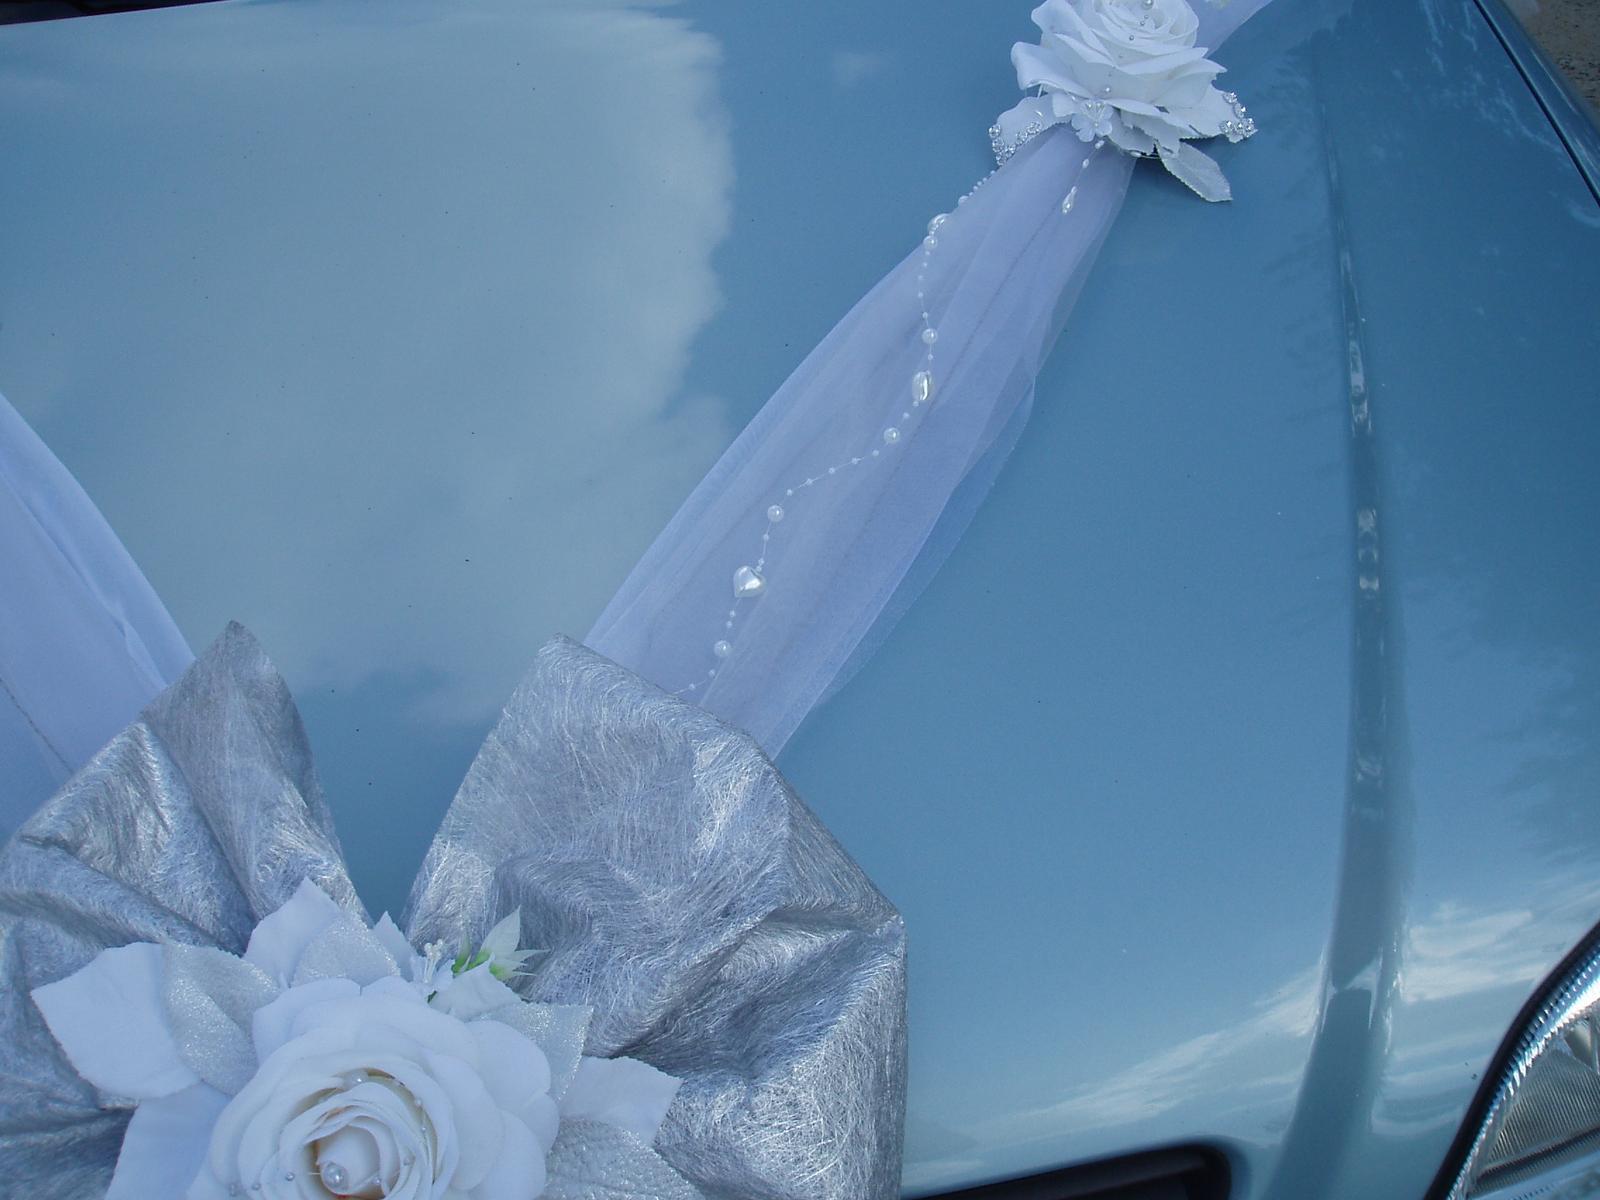 Bílo-stříbrné dekorace na auto - Obrázek č. 8